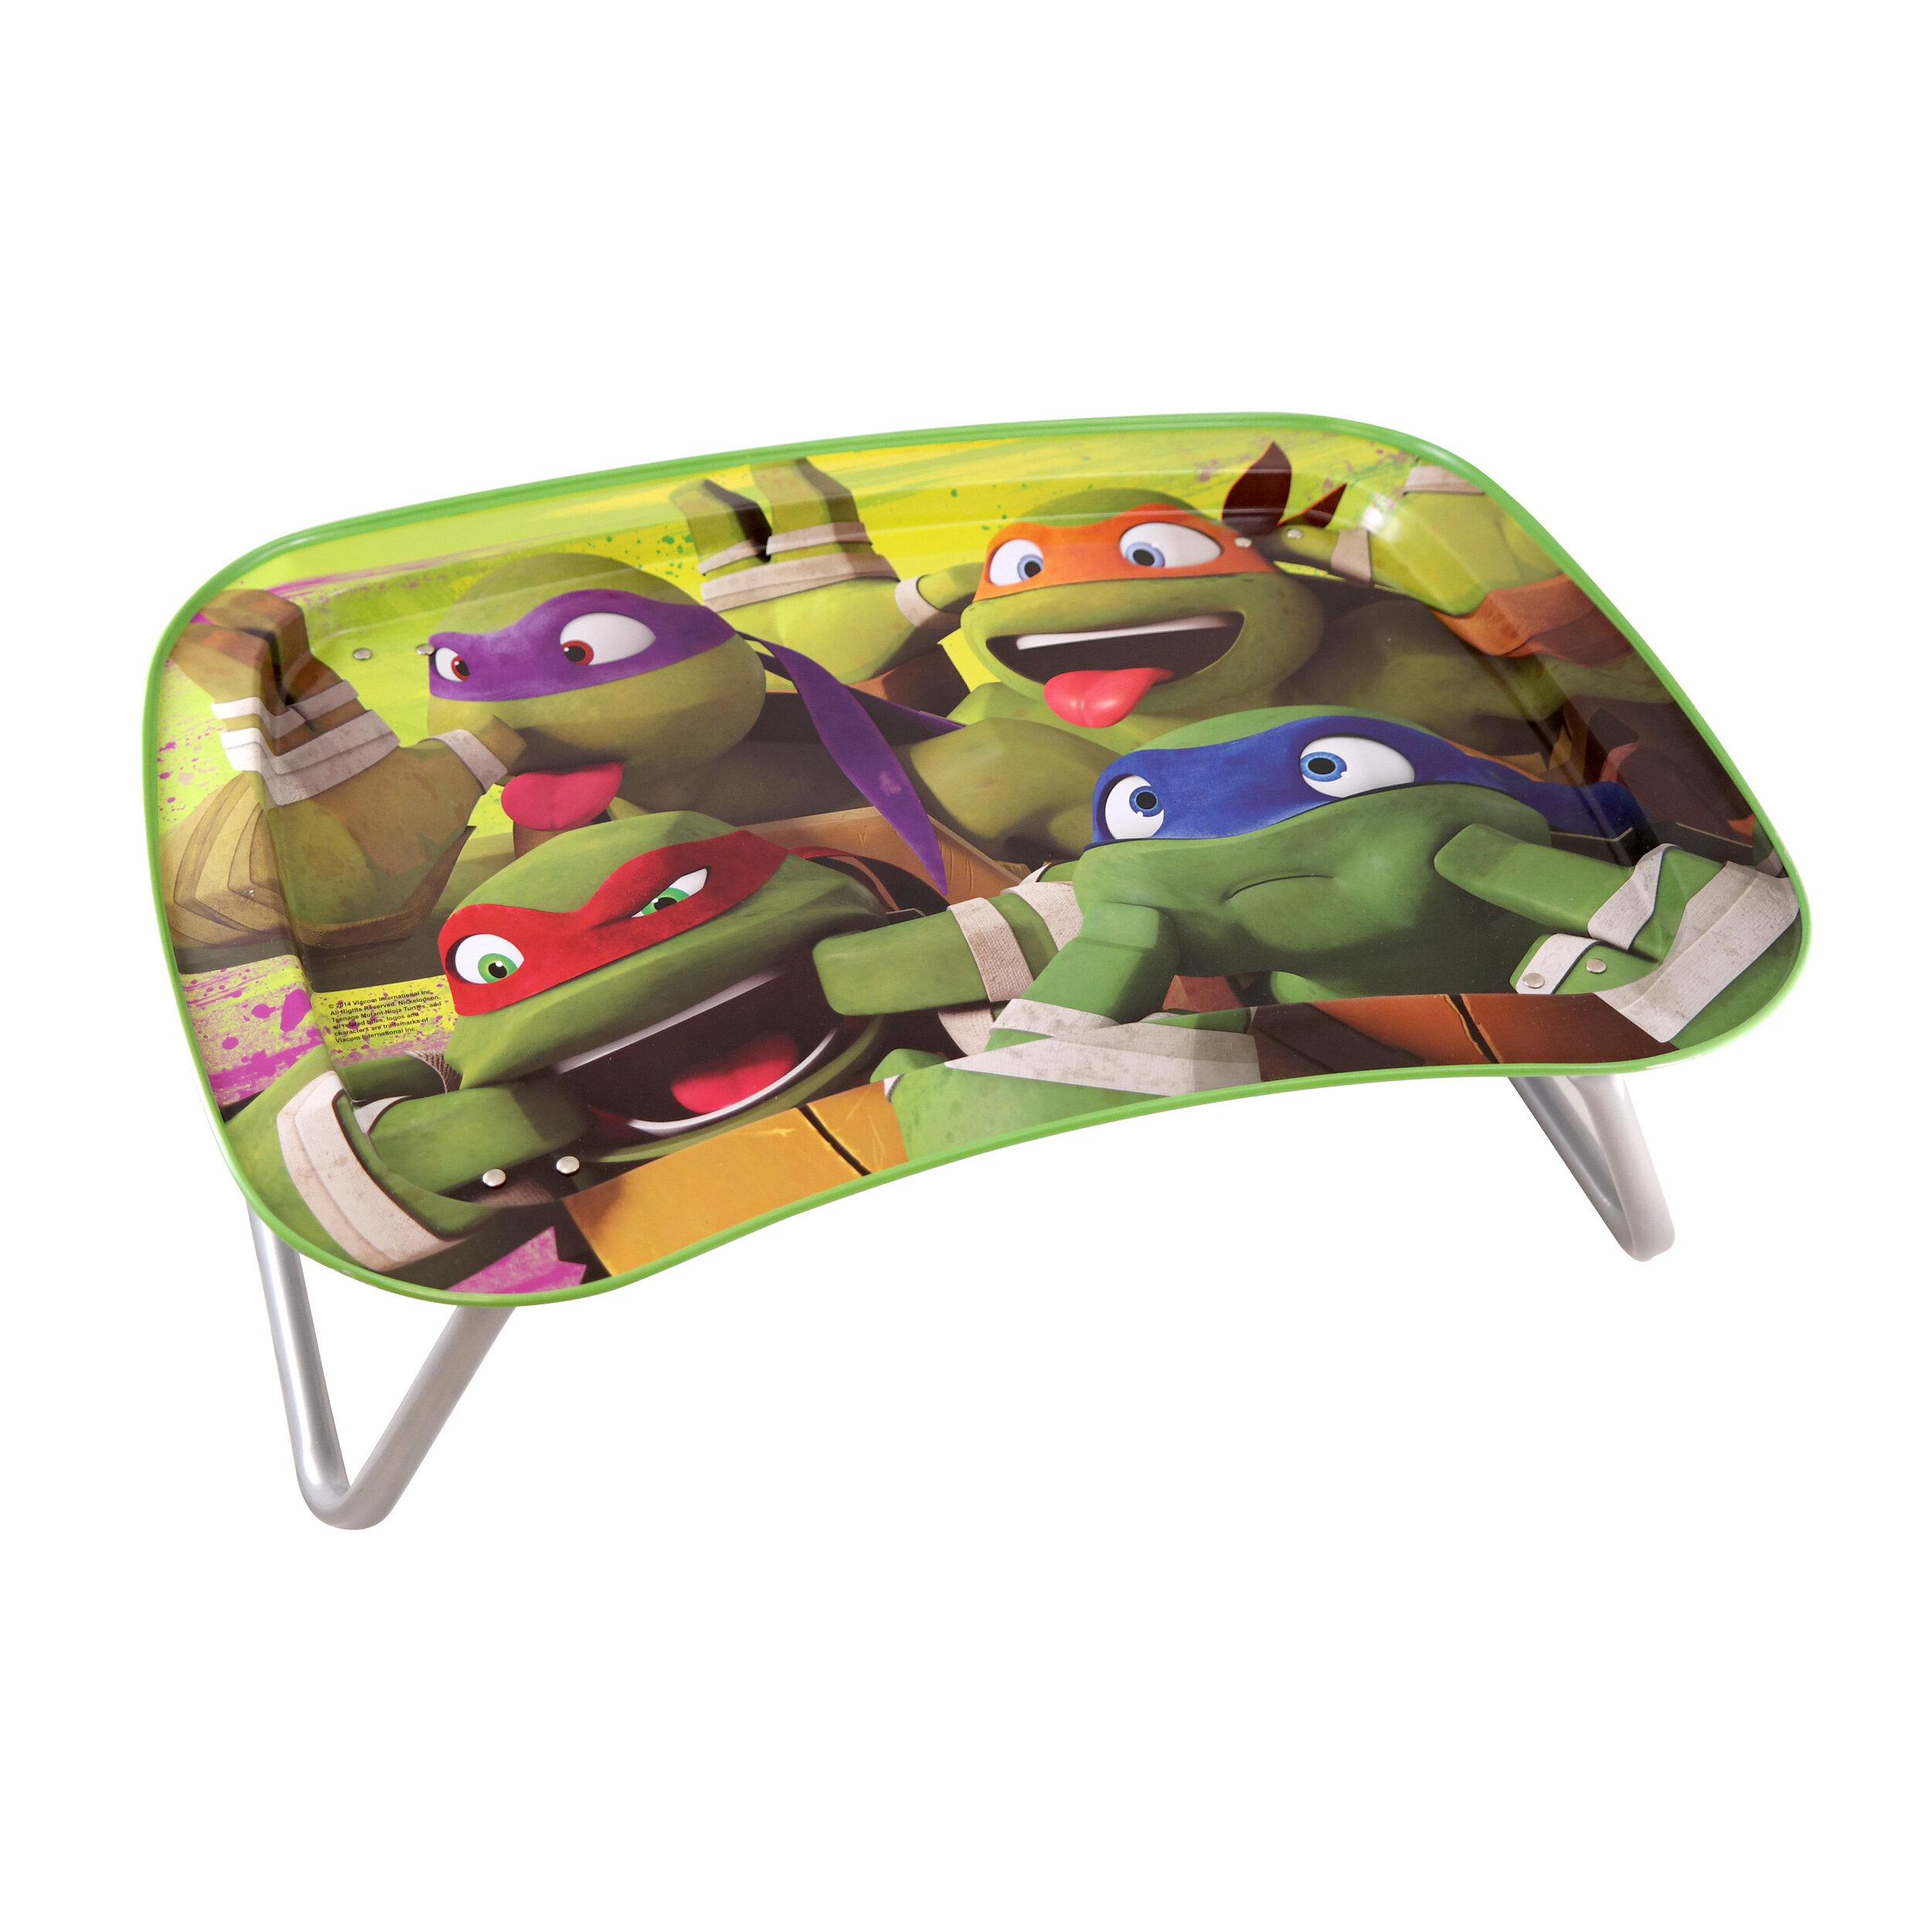 Pleasant Teenage Mutant Ninja Turtles Kids Snack And Play Tray Table Ibusinesslaw Wood Chair Design Ideas Ibusinesslaworg